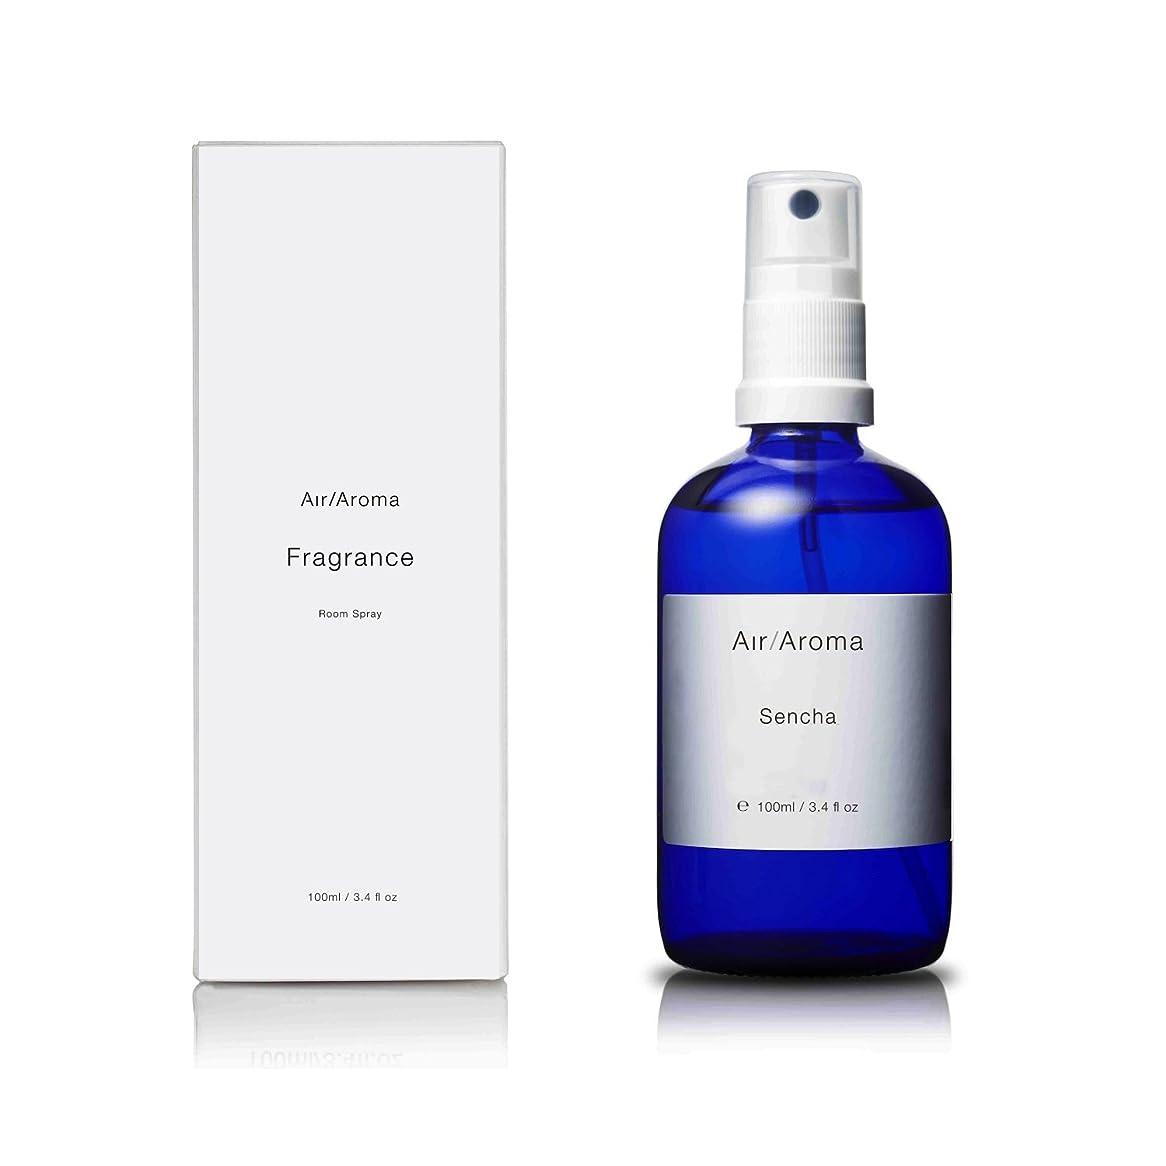 誘発する信念繊毛エアアロマ sencha room fragrance(センチャ ルームフレグランス)100ml